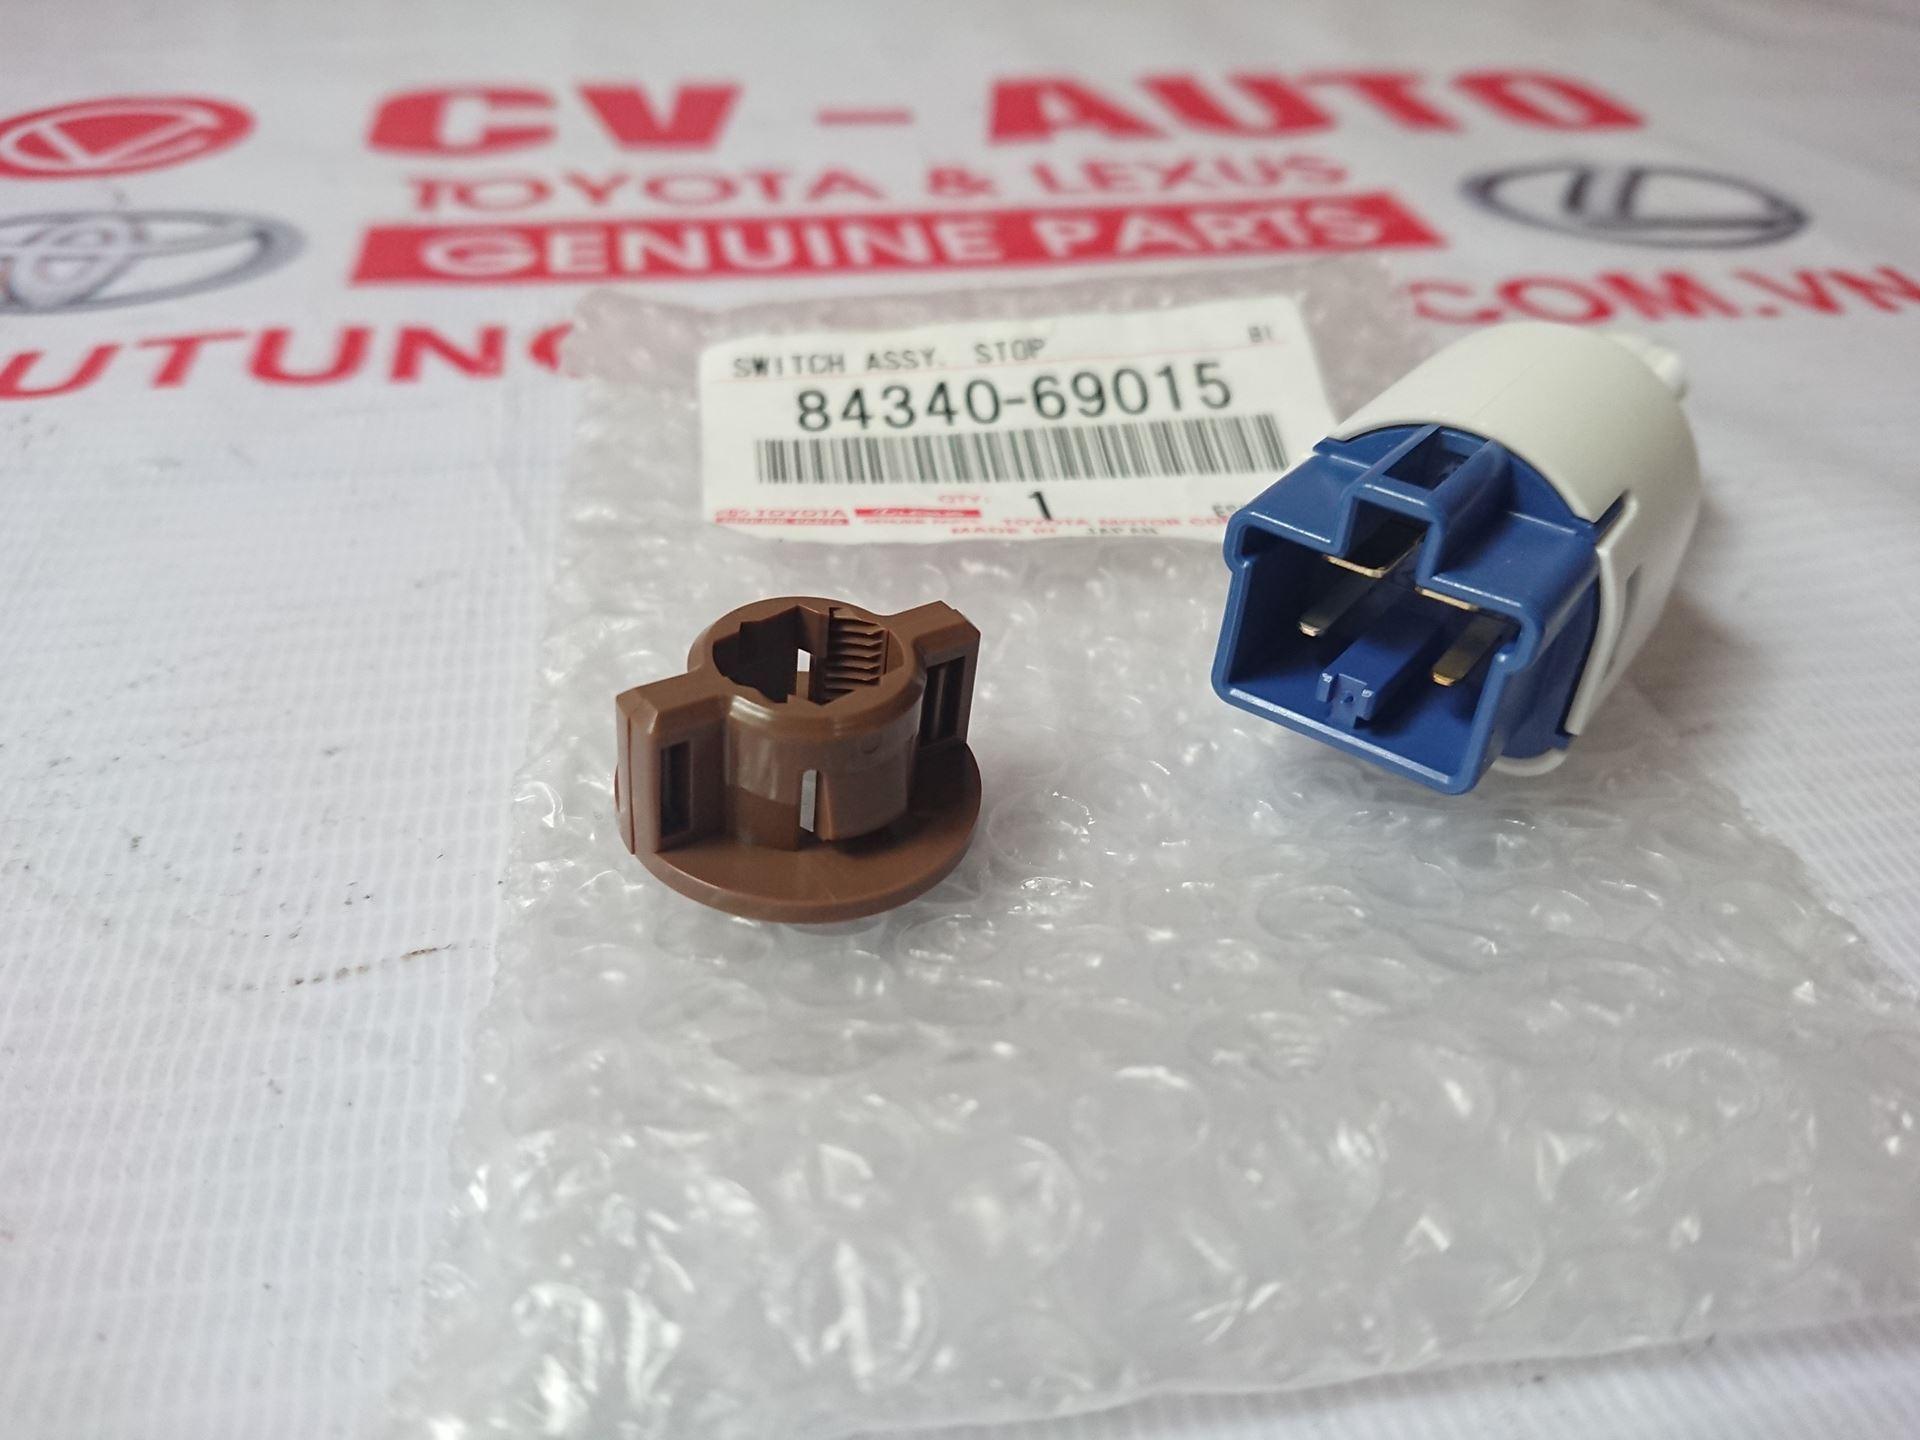 Picture of 84340-69015 Công tắc đèn phanh Lexus GX470/Prado, Camry LE chính hãng